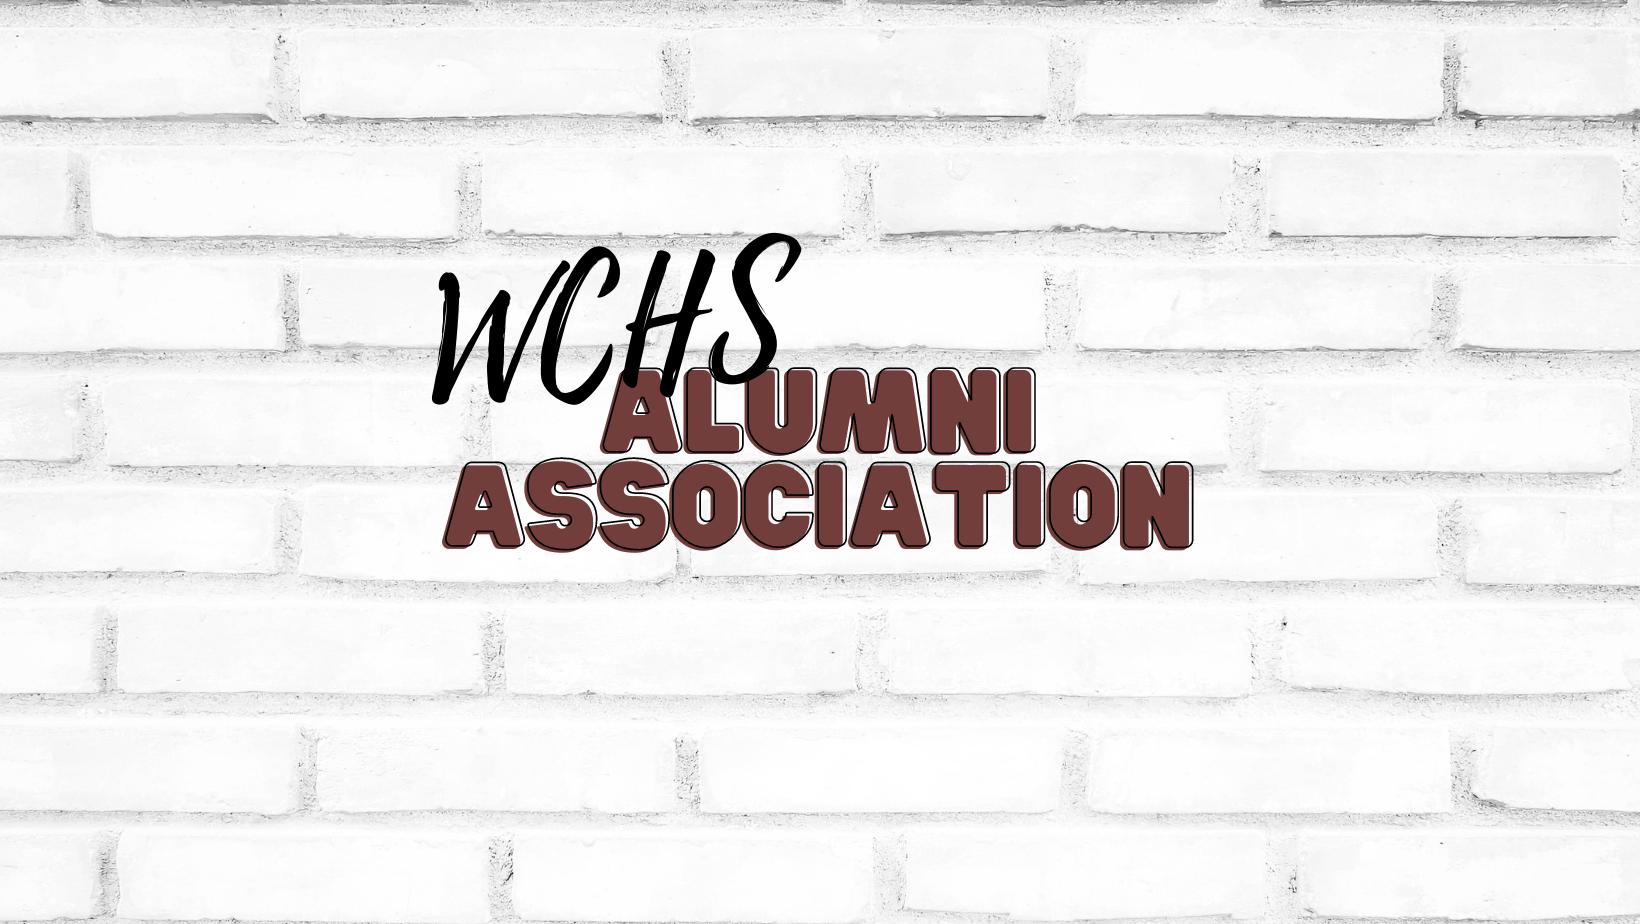 WCHS Alumni Association